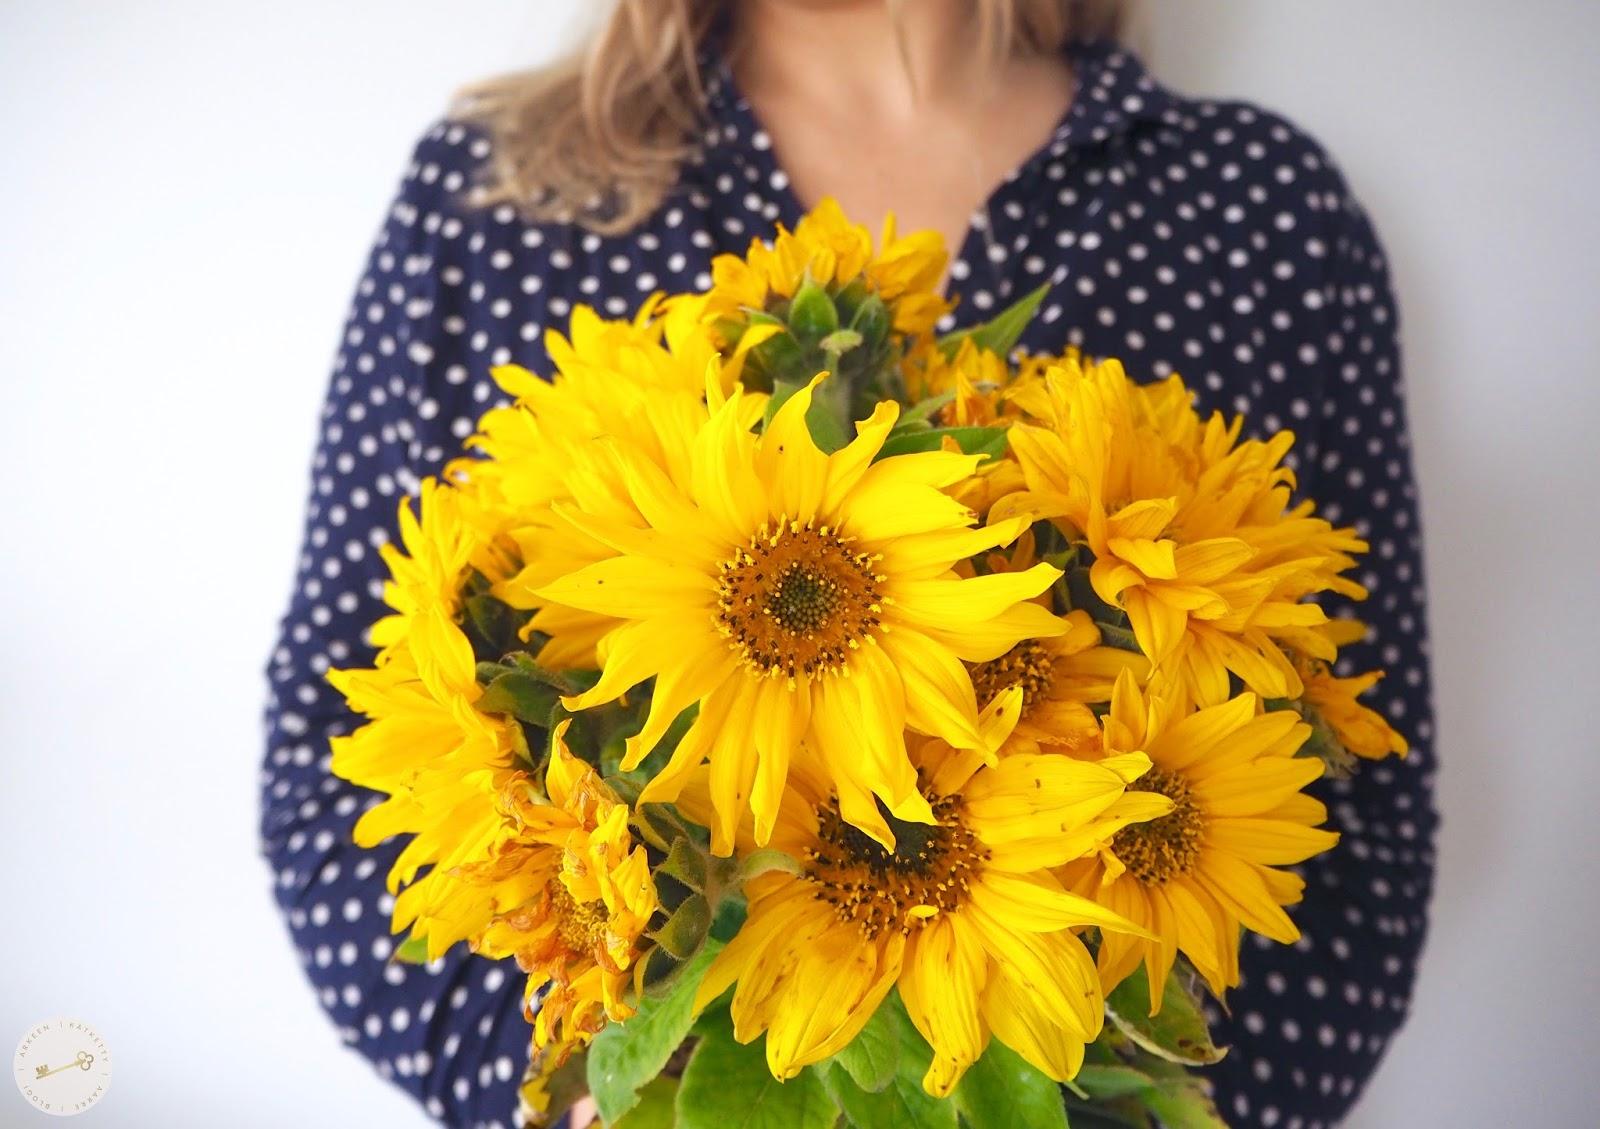 Naisella on auringonkukkakimppu kädessään. Oletko sinä lannistaja, vaikenija vai rohkaisija?